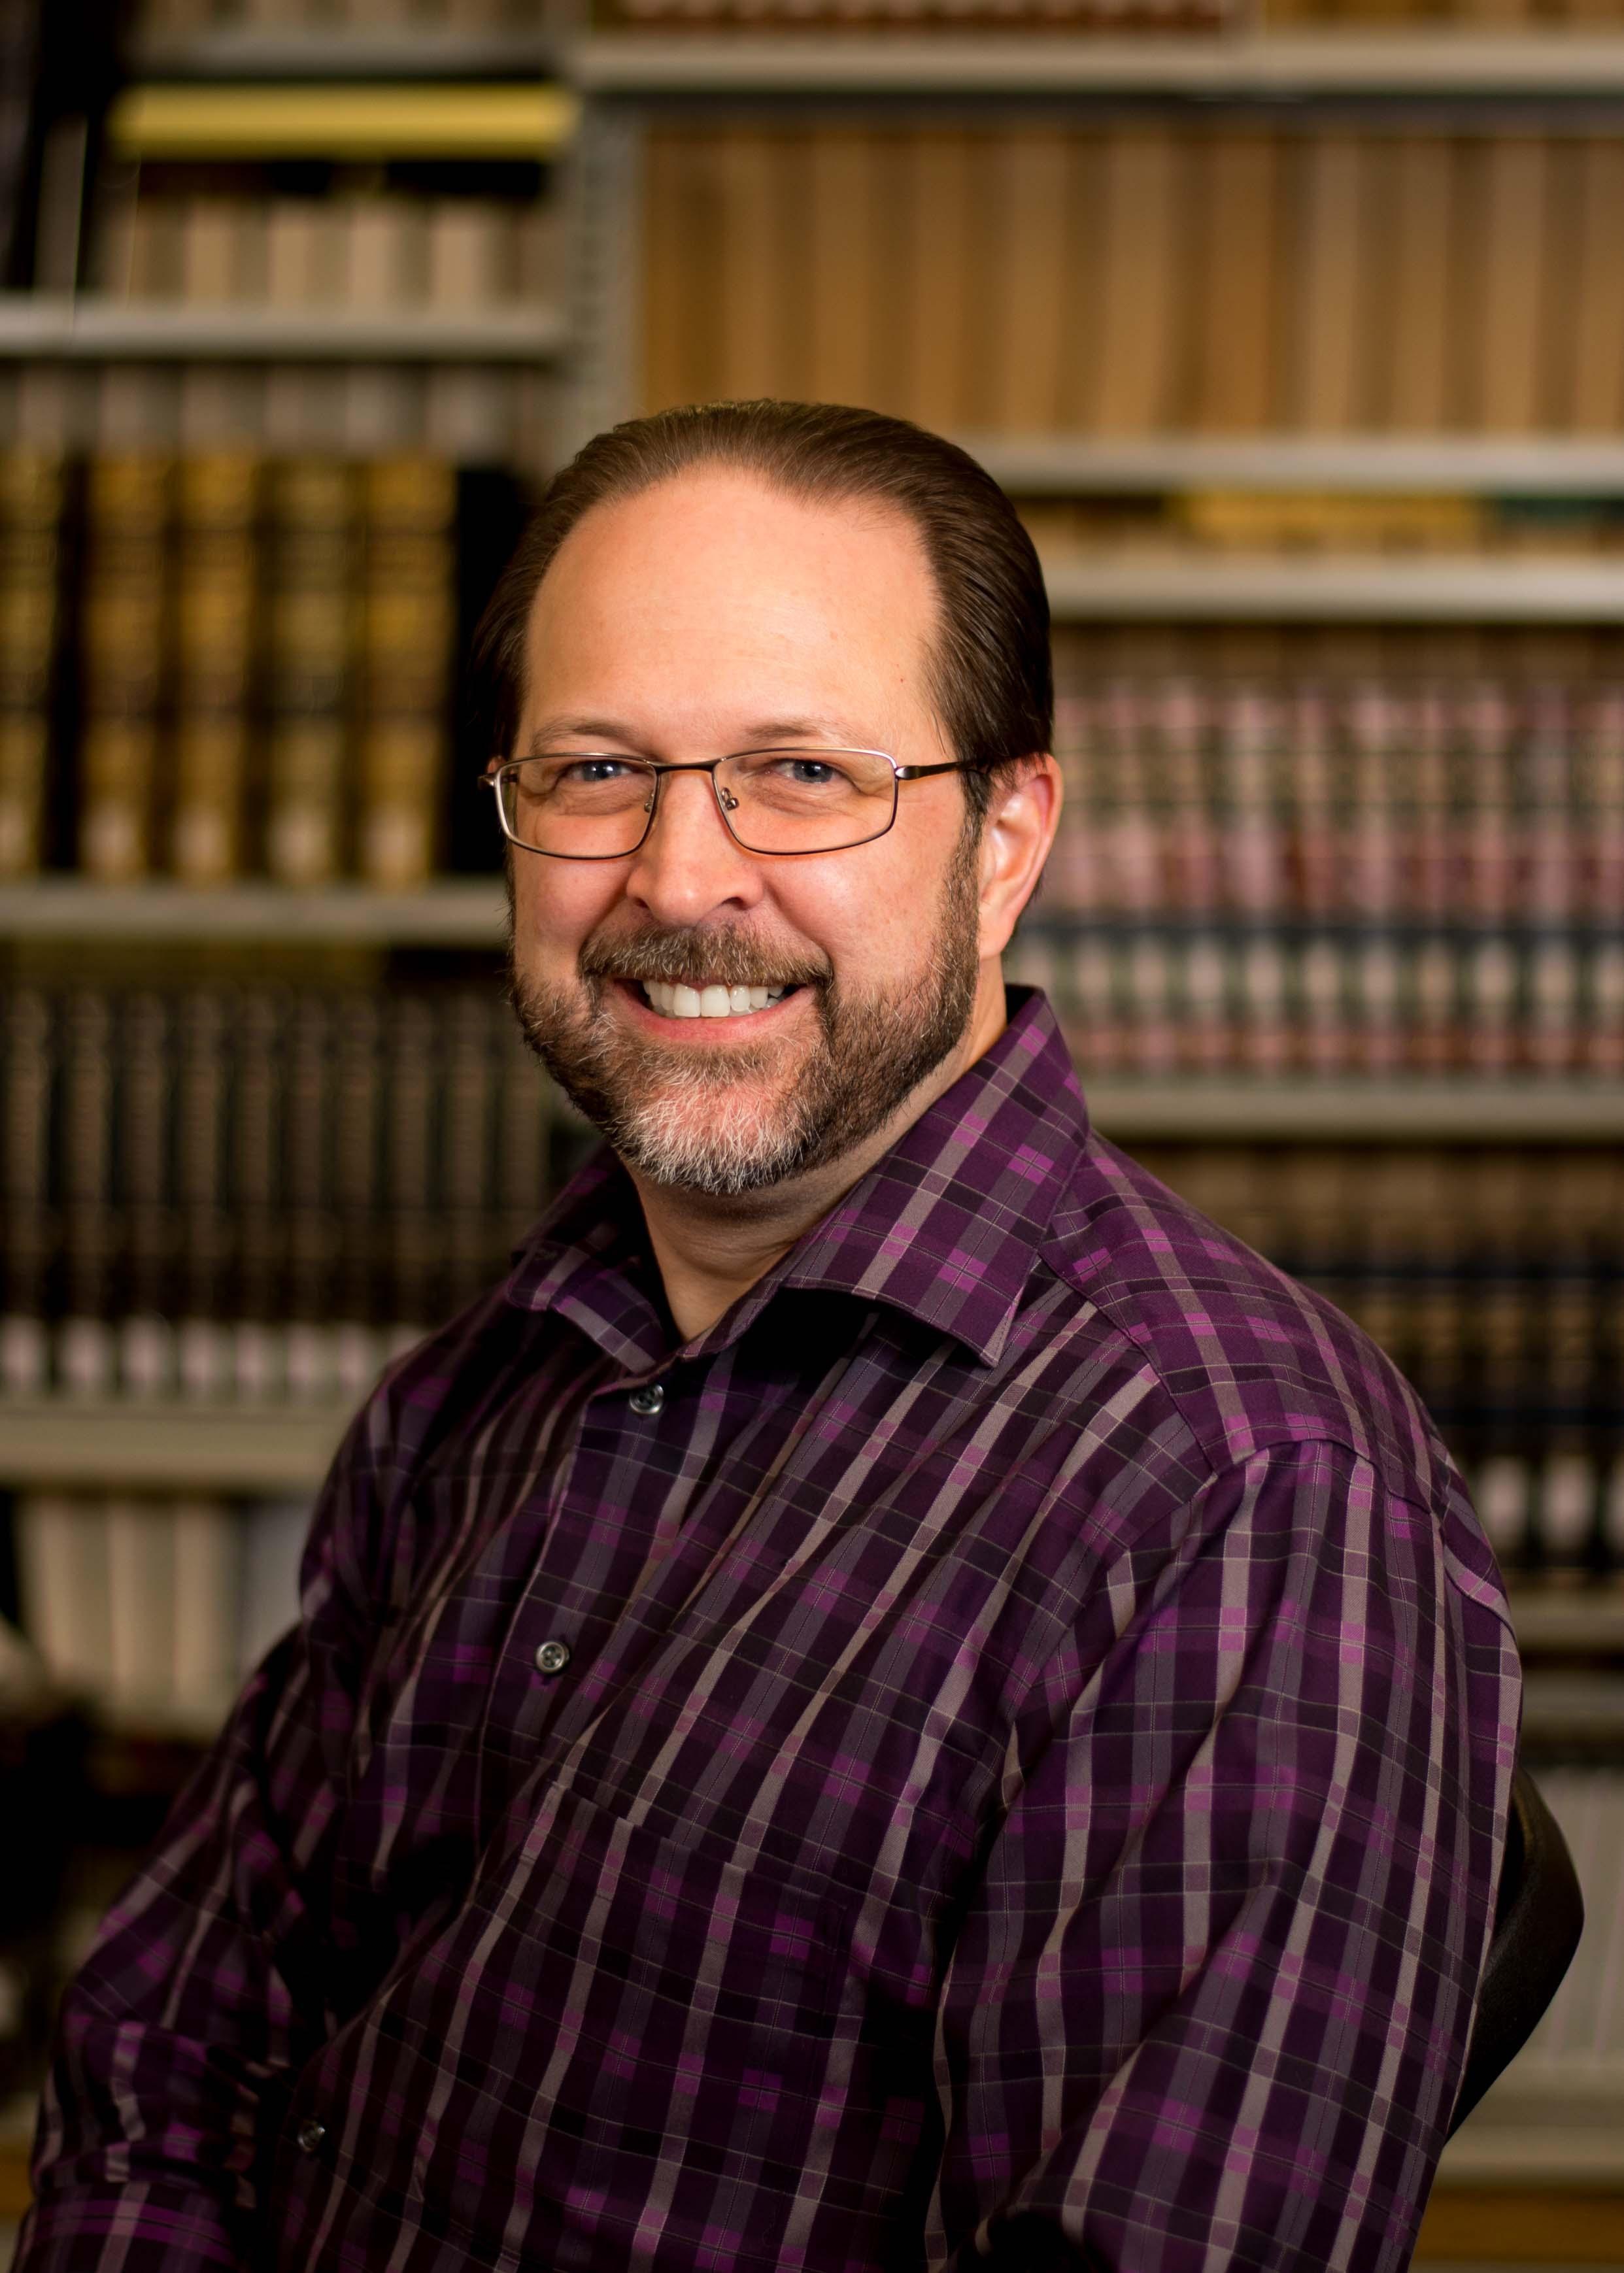 Daniel Hurtubise